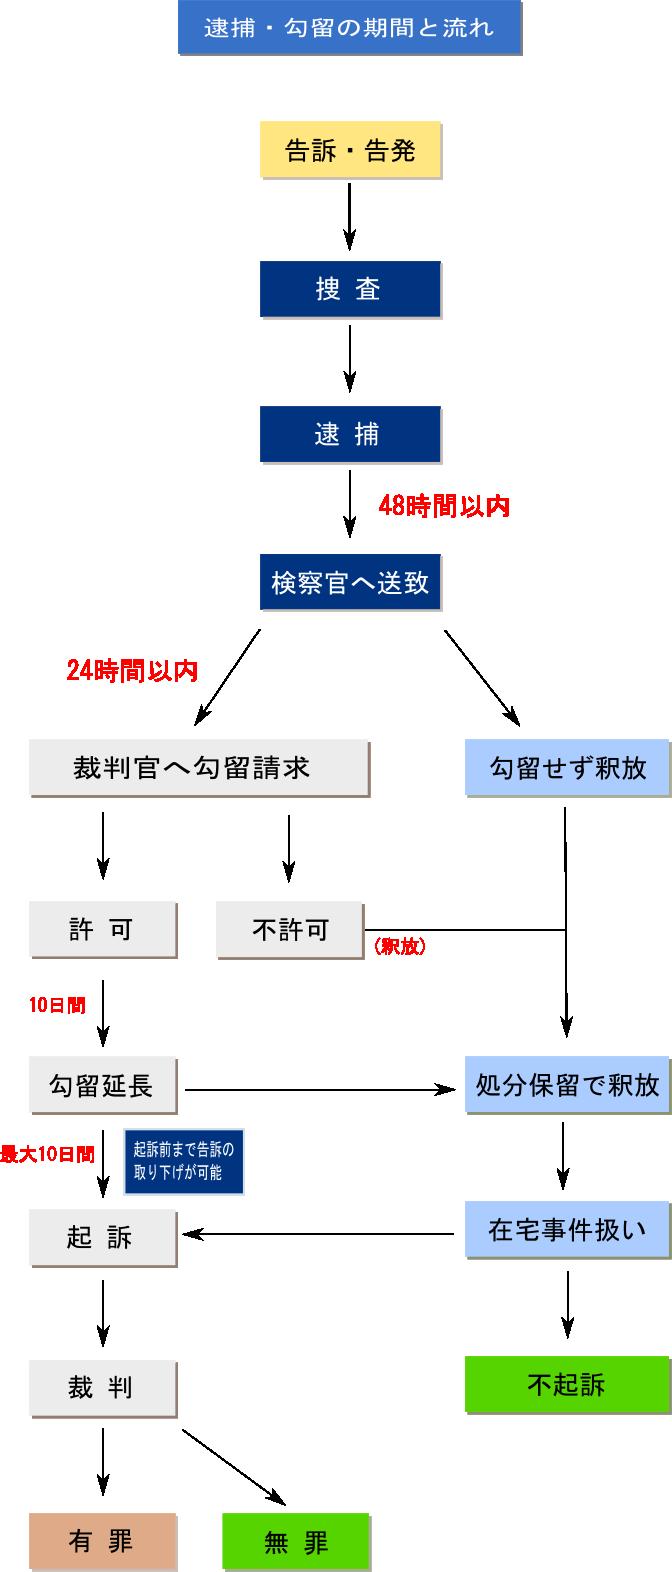 告訴・告発後の流れ(図) - 告訴状・告発状の作成 行政書士 菊地事務所